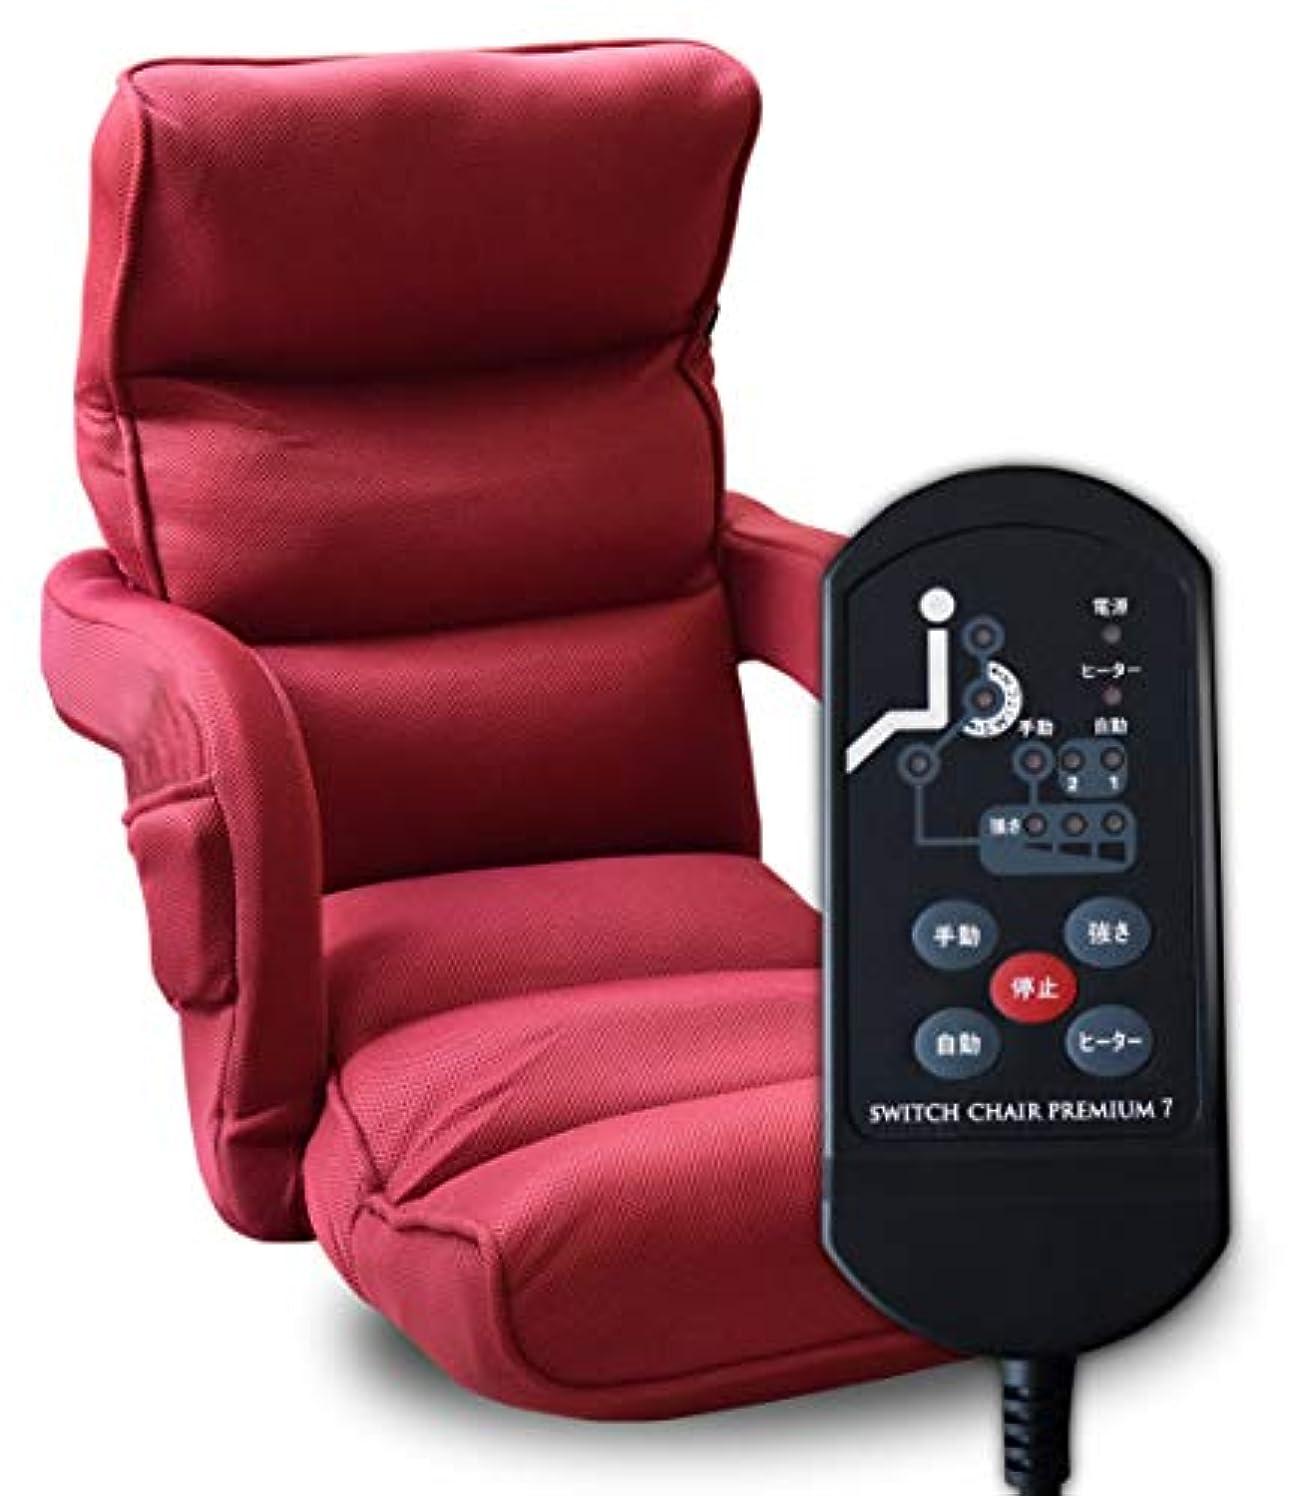 解放航空便勧めるSWITCH CHAIR PREMIUM 7 マッサージ器 マッサージ機 肘掛け付き座椅子 マッサージ ヒーター 首 肩 腰 肩こり 背中 マッサージチェア ビクトリアンローズ